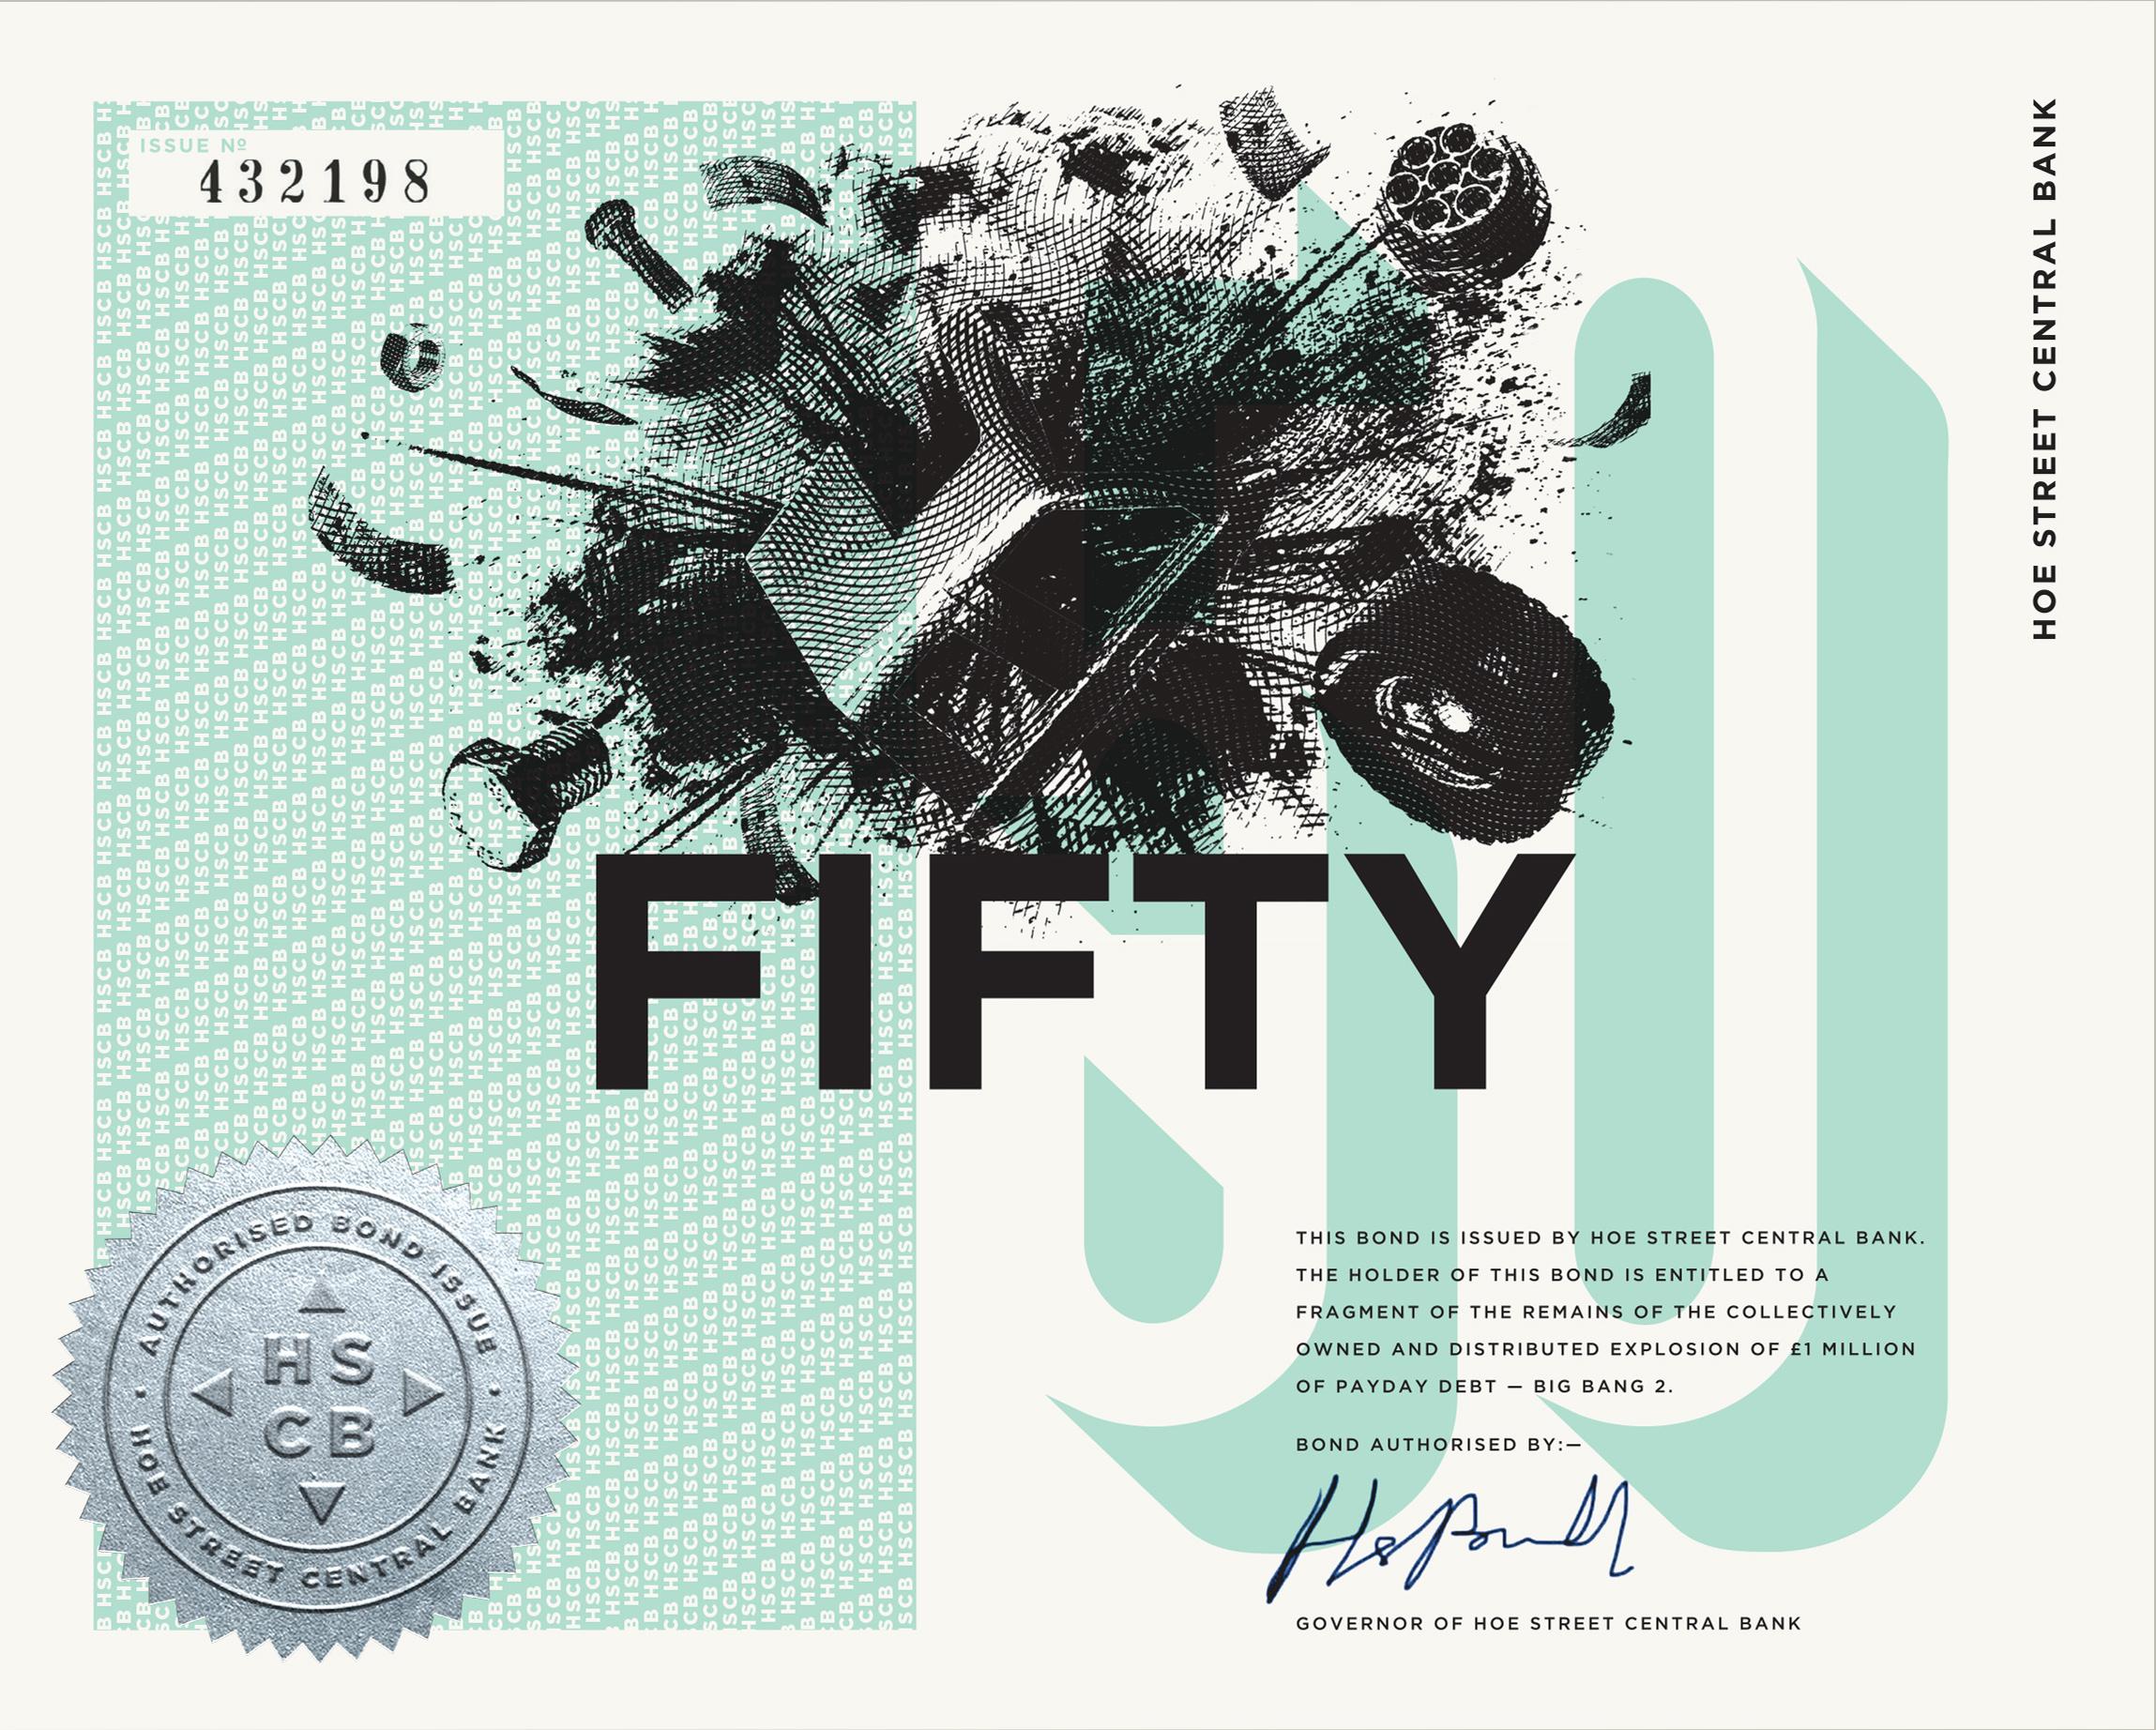 £50 HSCB BOND. Green. 195x156mm. Screen print, letterpress, foil block, company seal. Somerset velvet white 250gsm paper. Gilt edge.   BUY £50 BOND  . The above is a digital mockup. Return: coin.